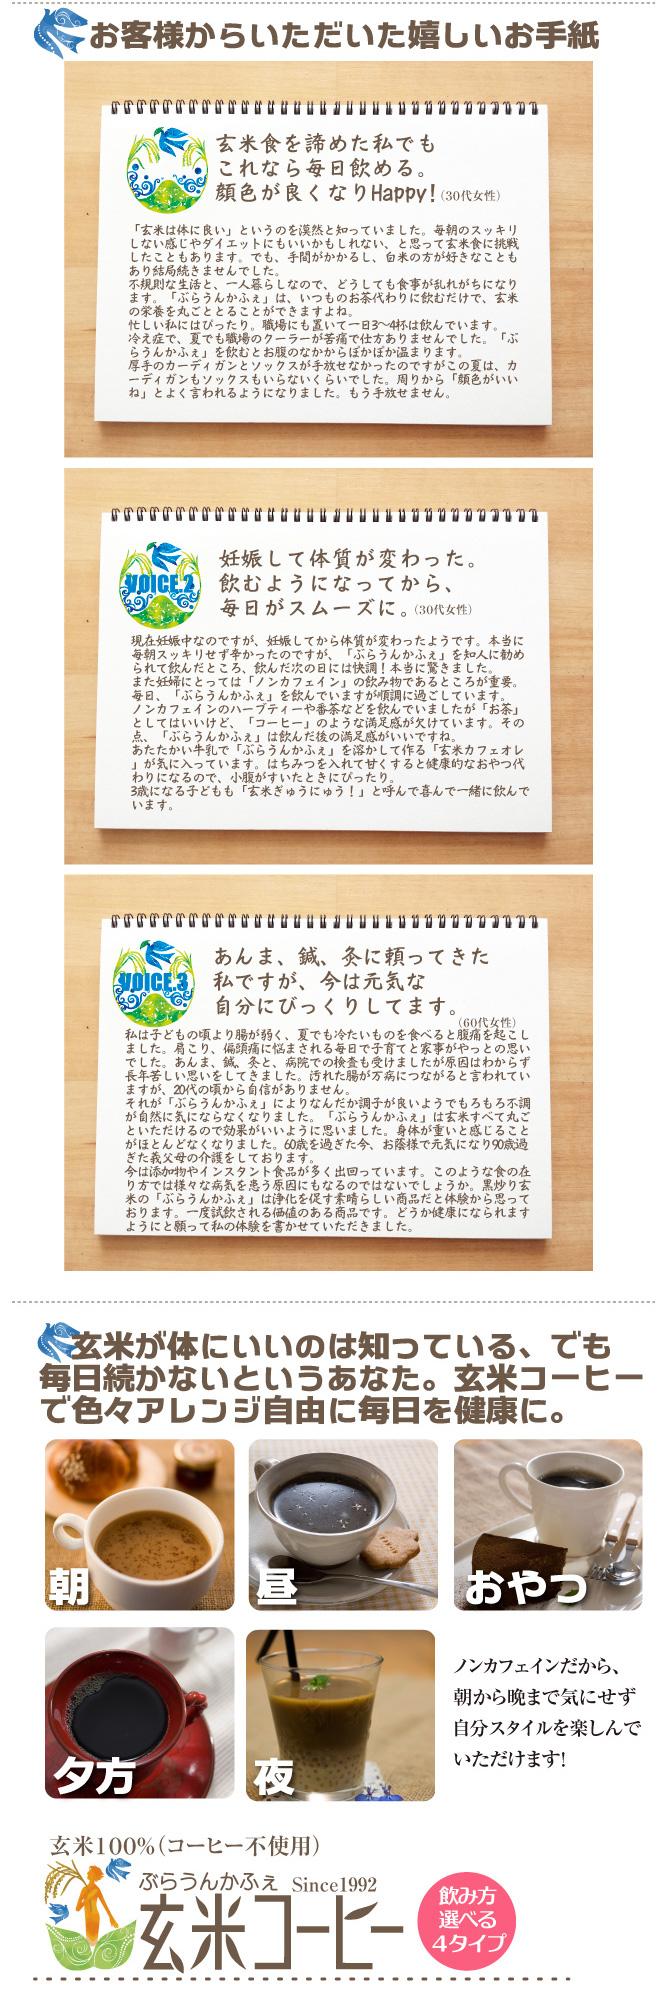 ぶらうんカフェ商品説明2